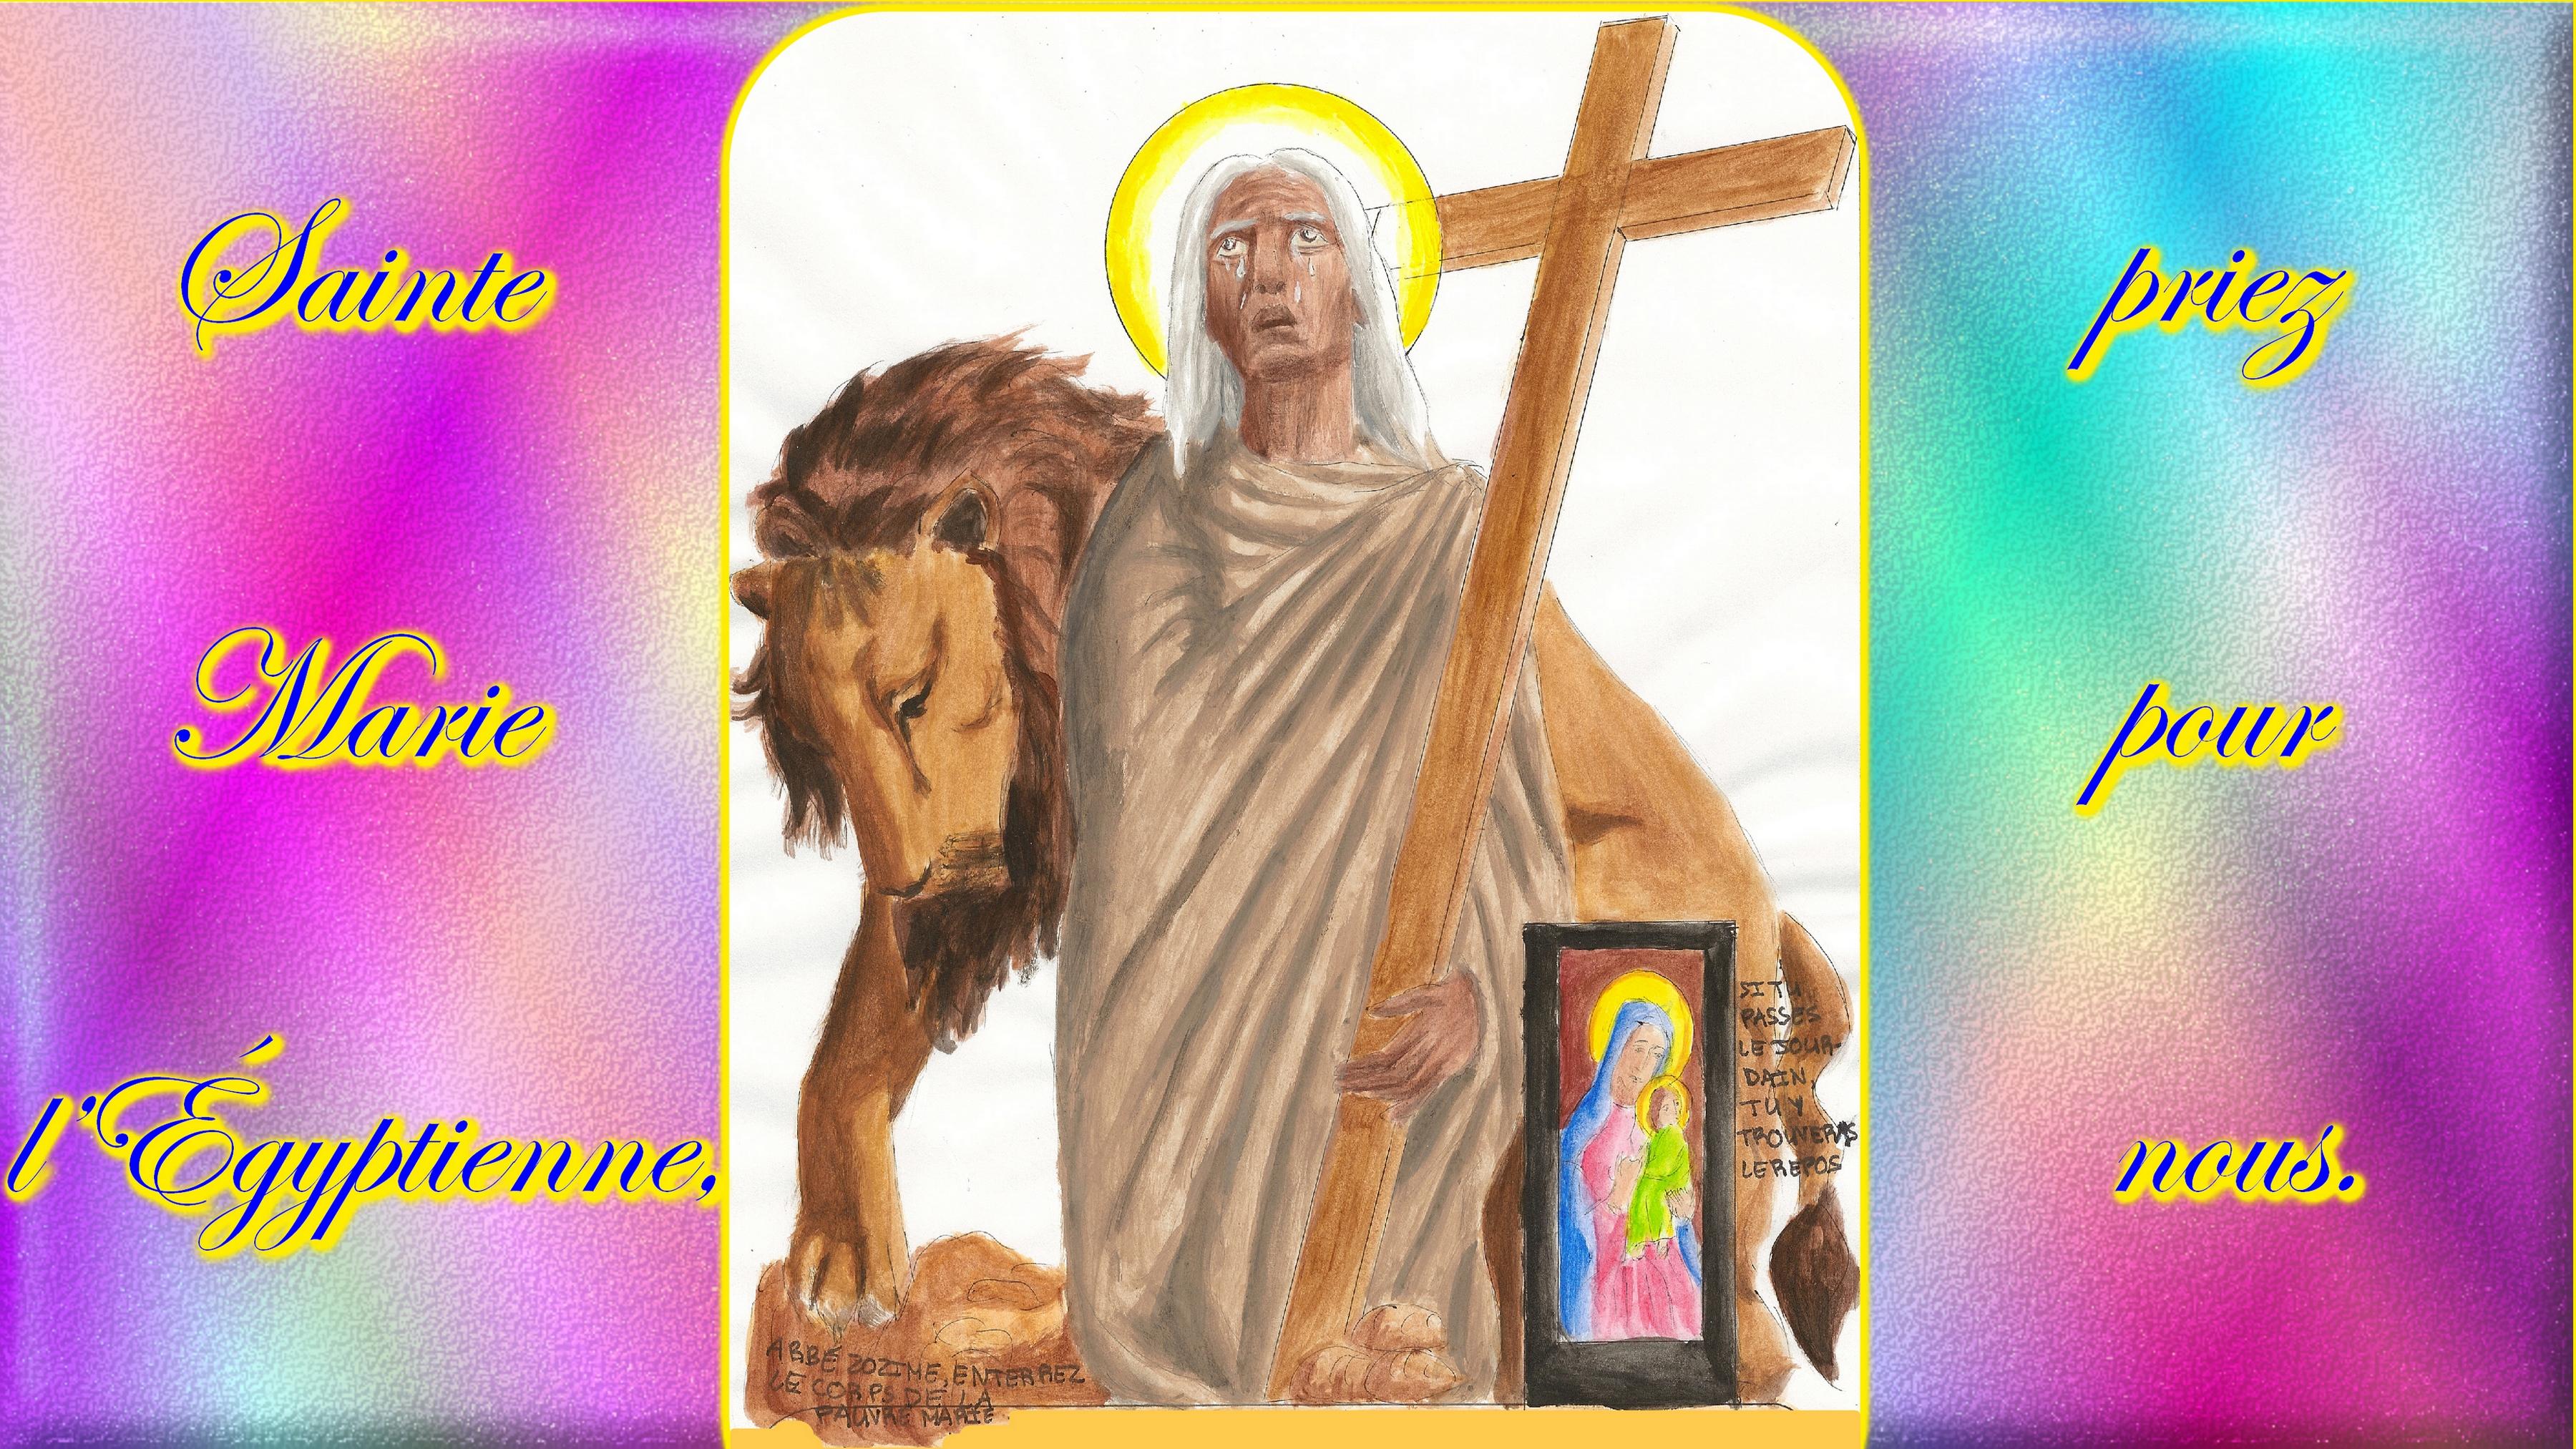 CALENDRIER CATHOLIQUE 2020 (Cantiques, Prières & Images) - Page 10 Ste-marie-l-gyptienne-5734358